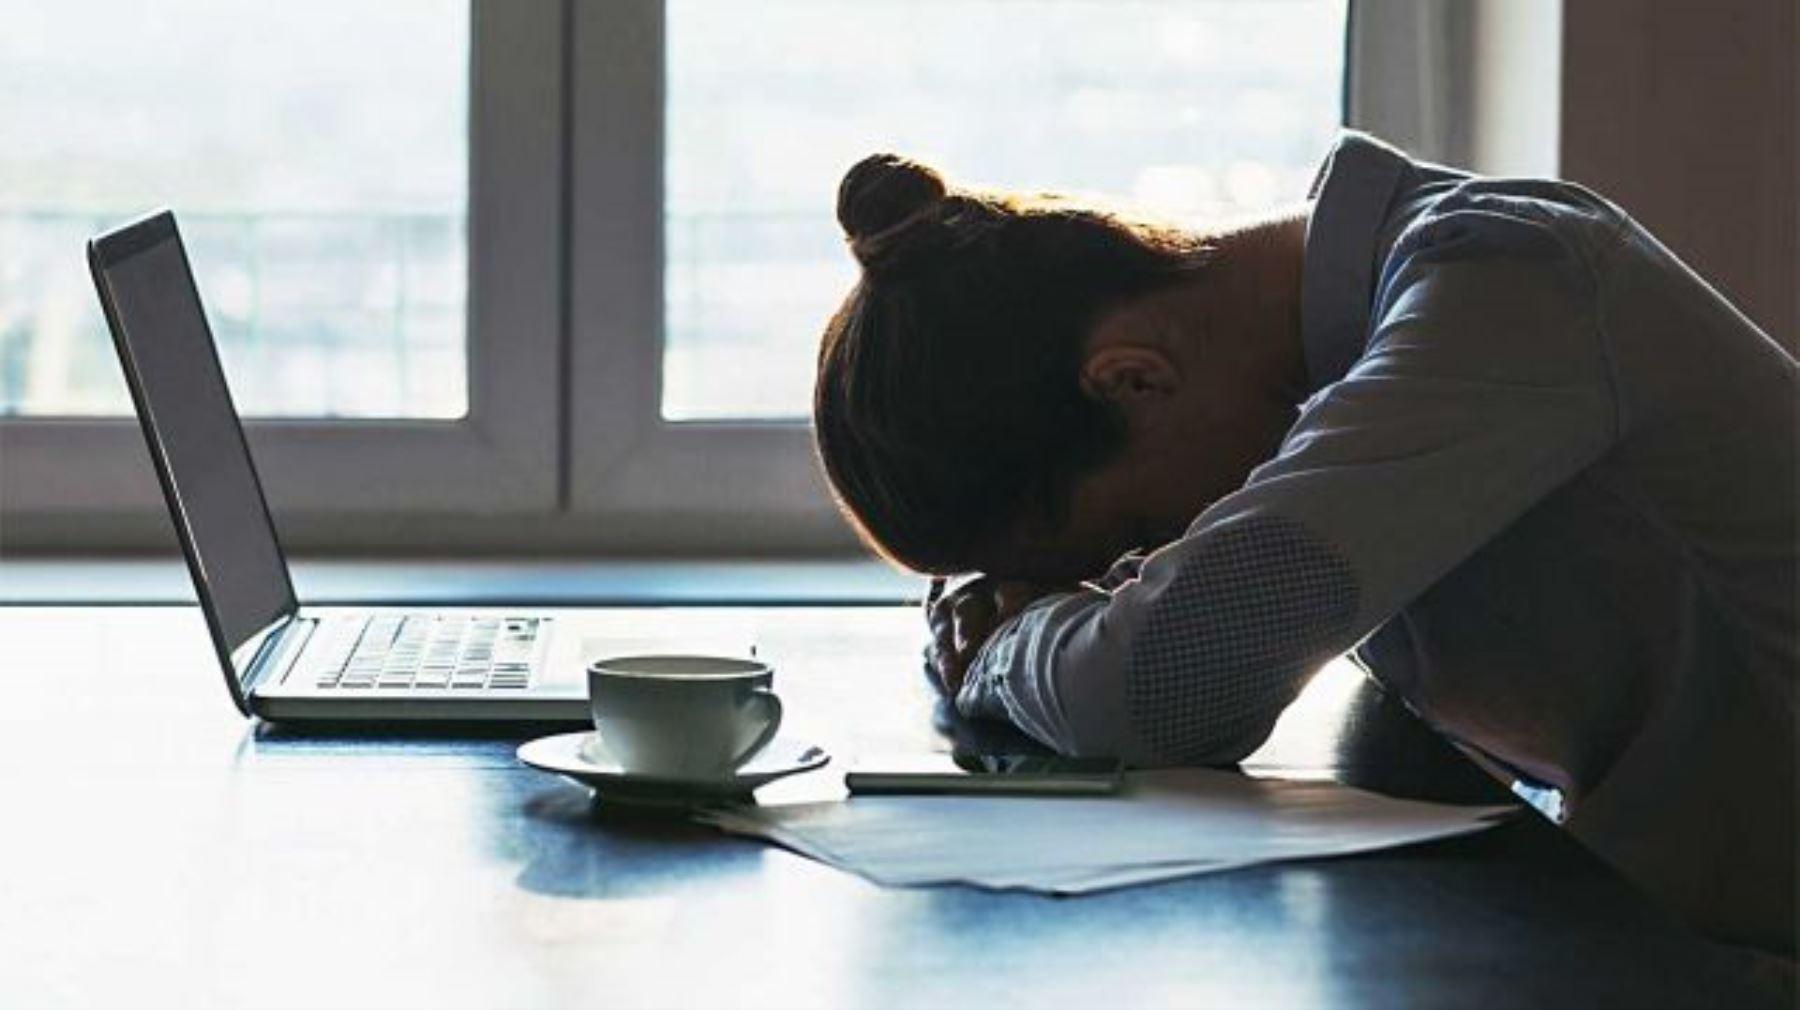 ¡Atención!: cómo saber si sufro de trastorno de ansiedad y de qué manera afrontarlo[video]